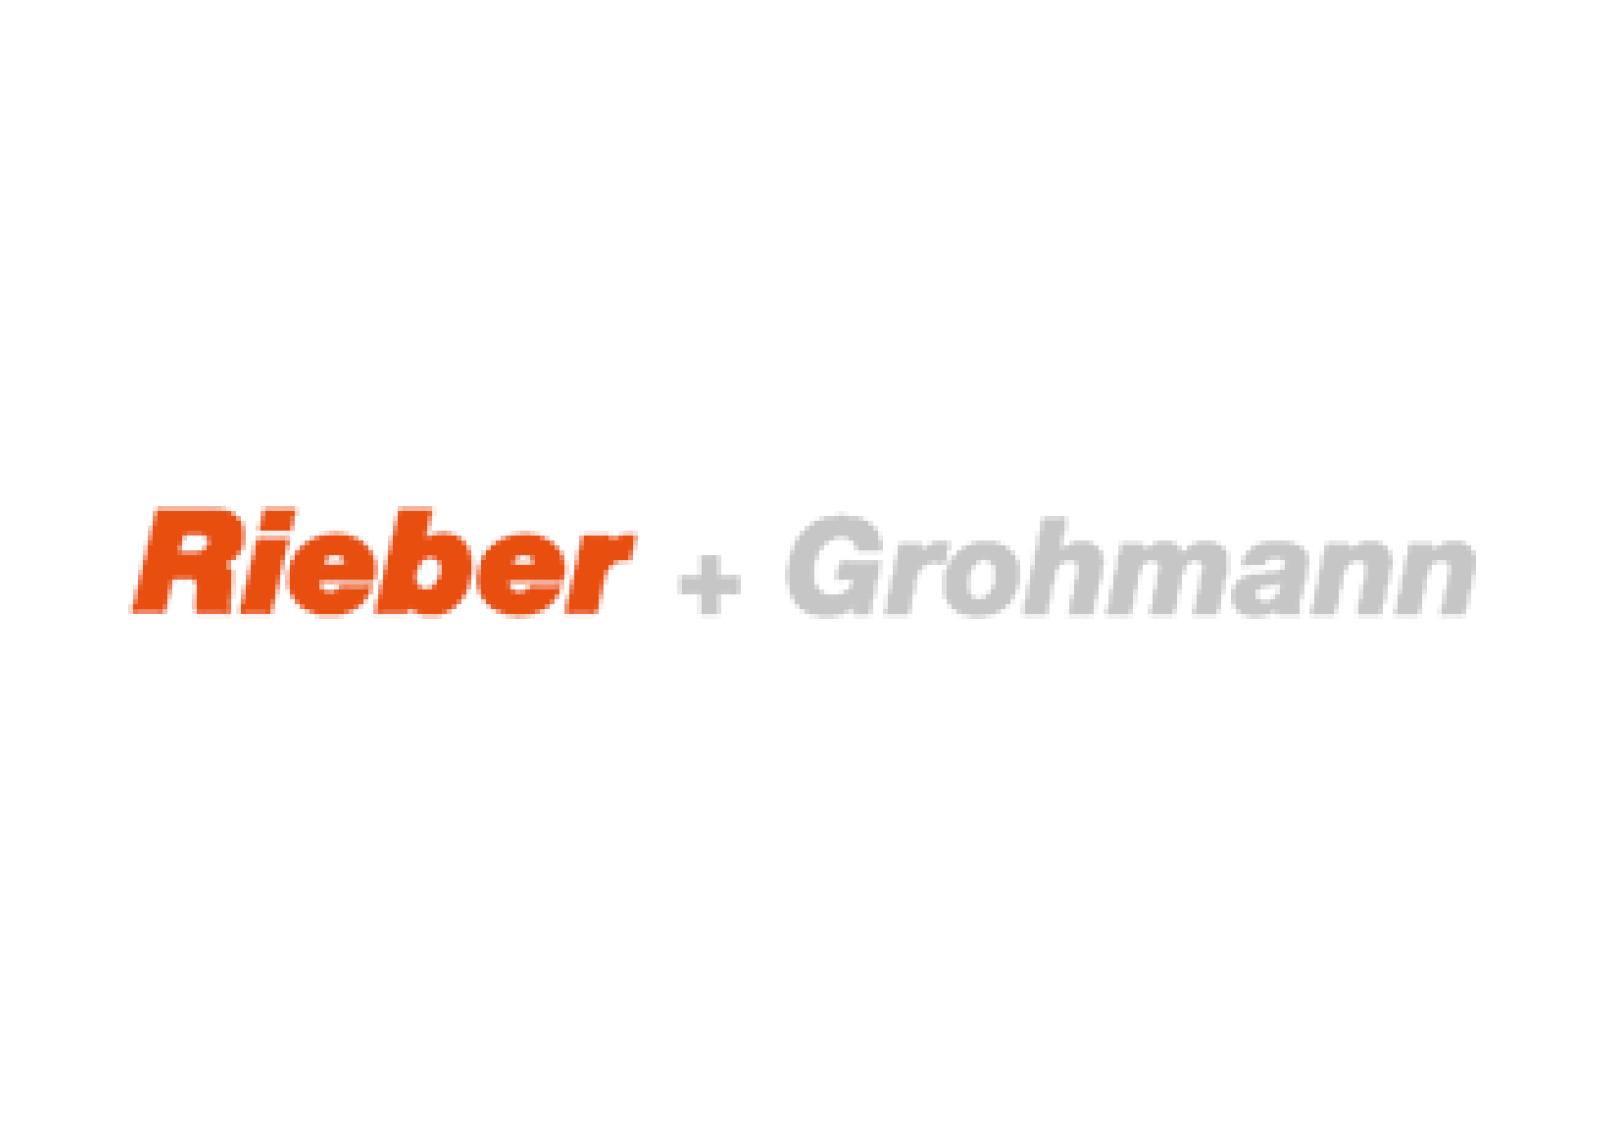 rieber+grohmann